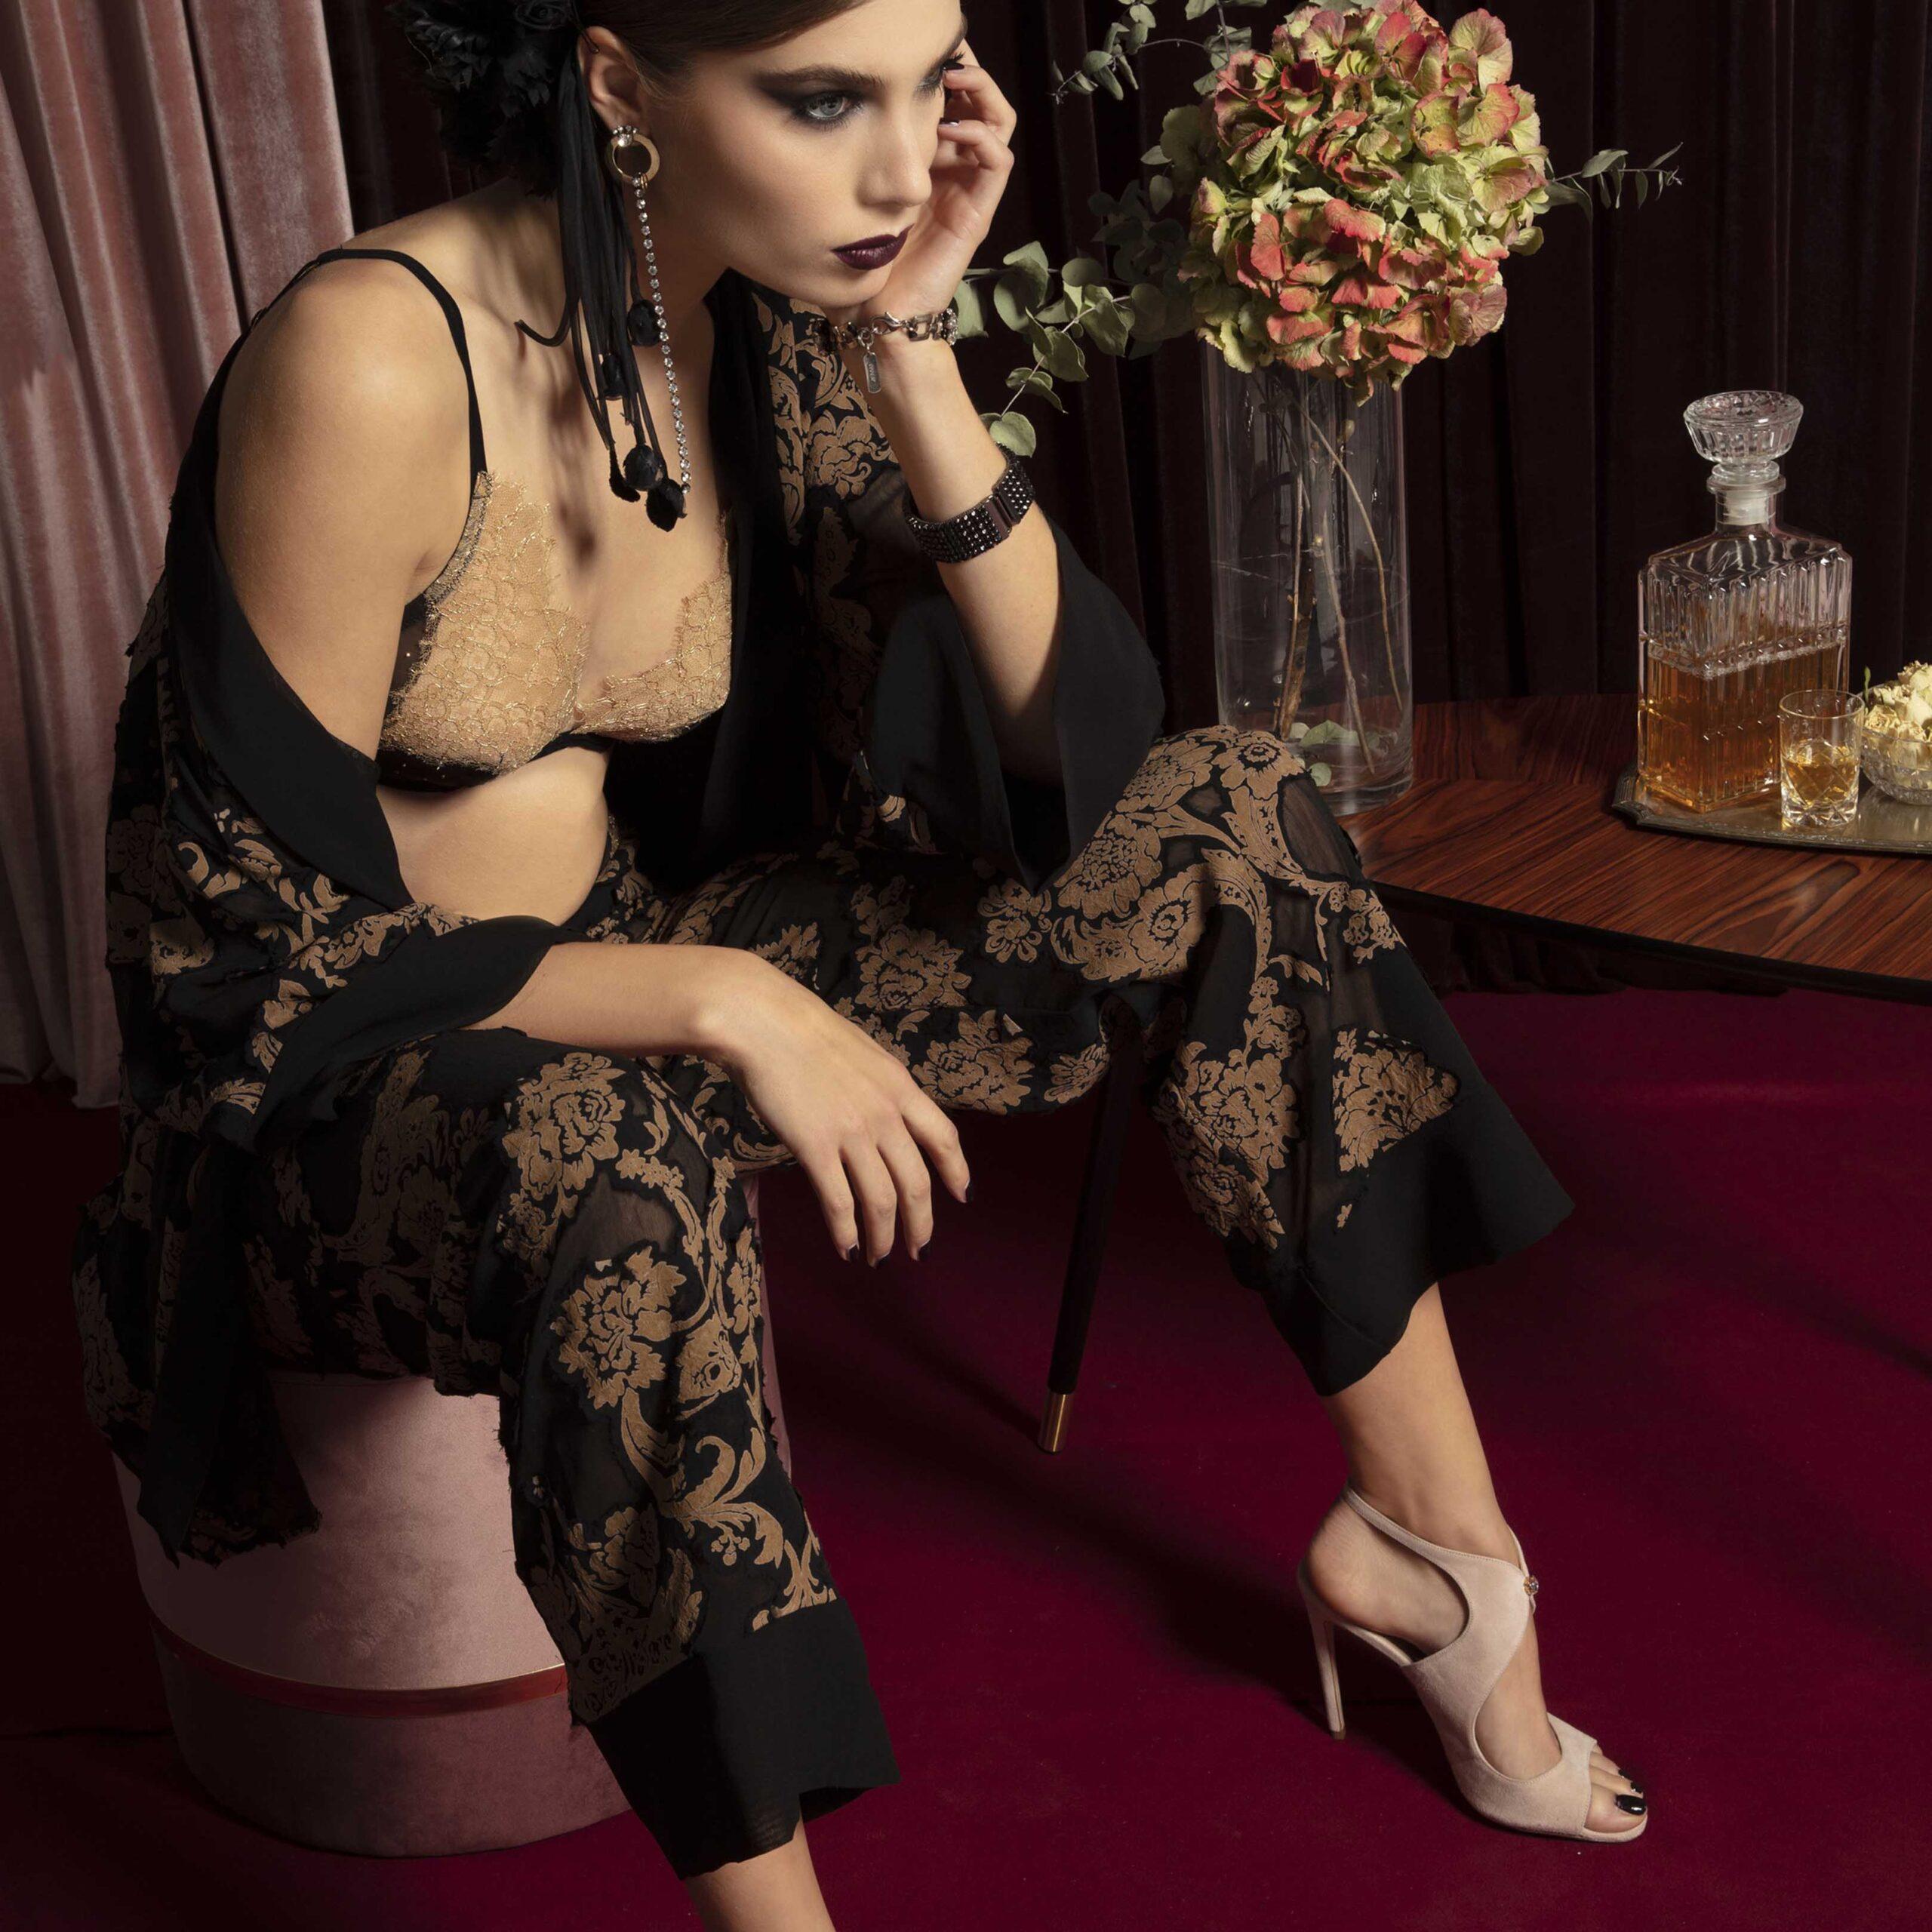 tuta-valery-prestige-lingerie-donna-autunno-inverno-2022